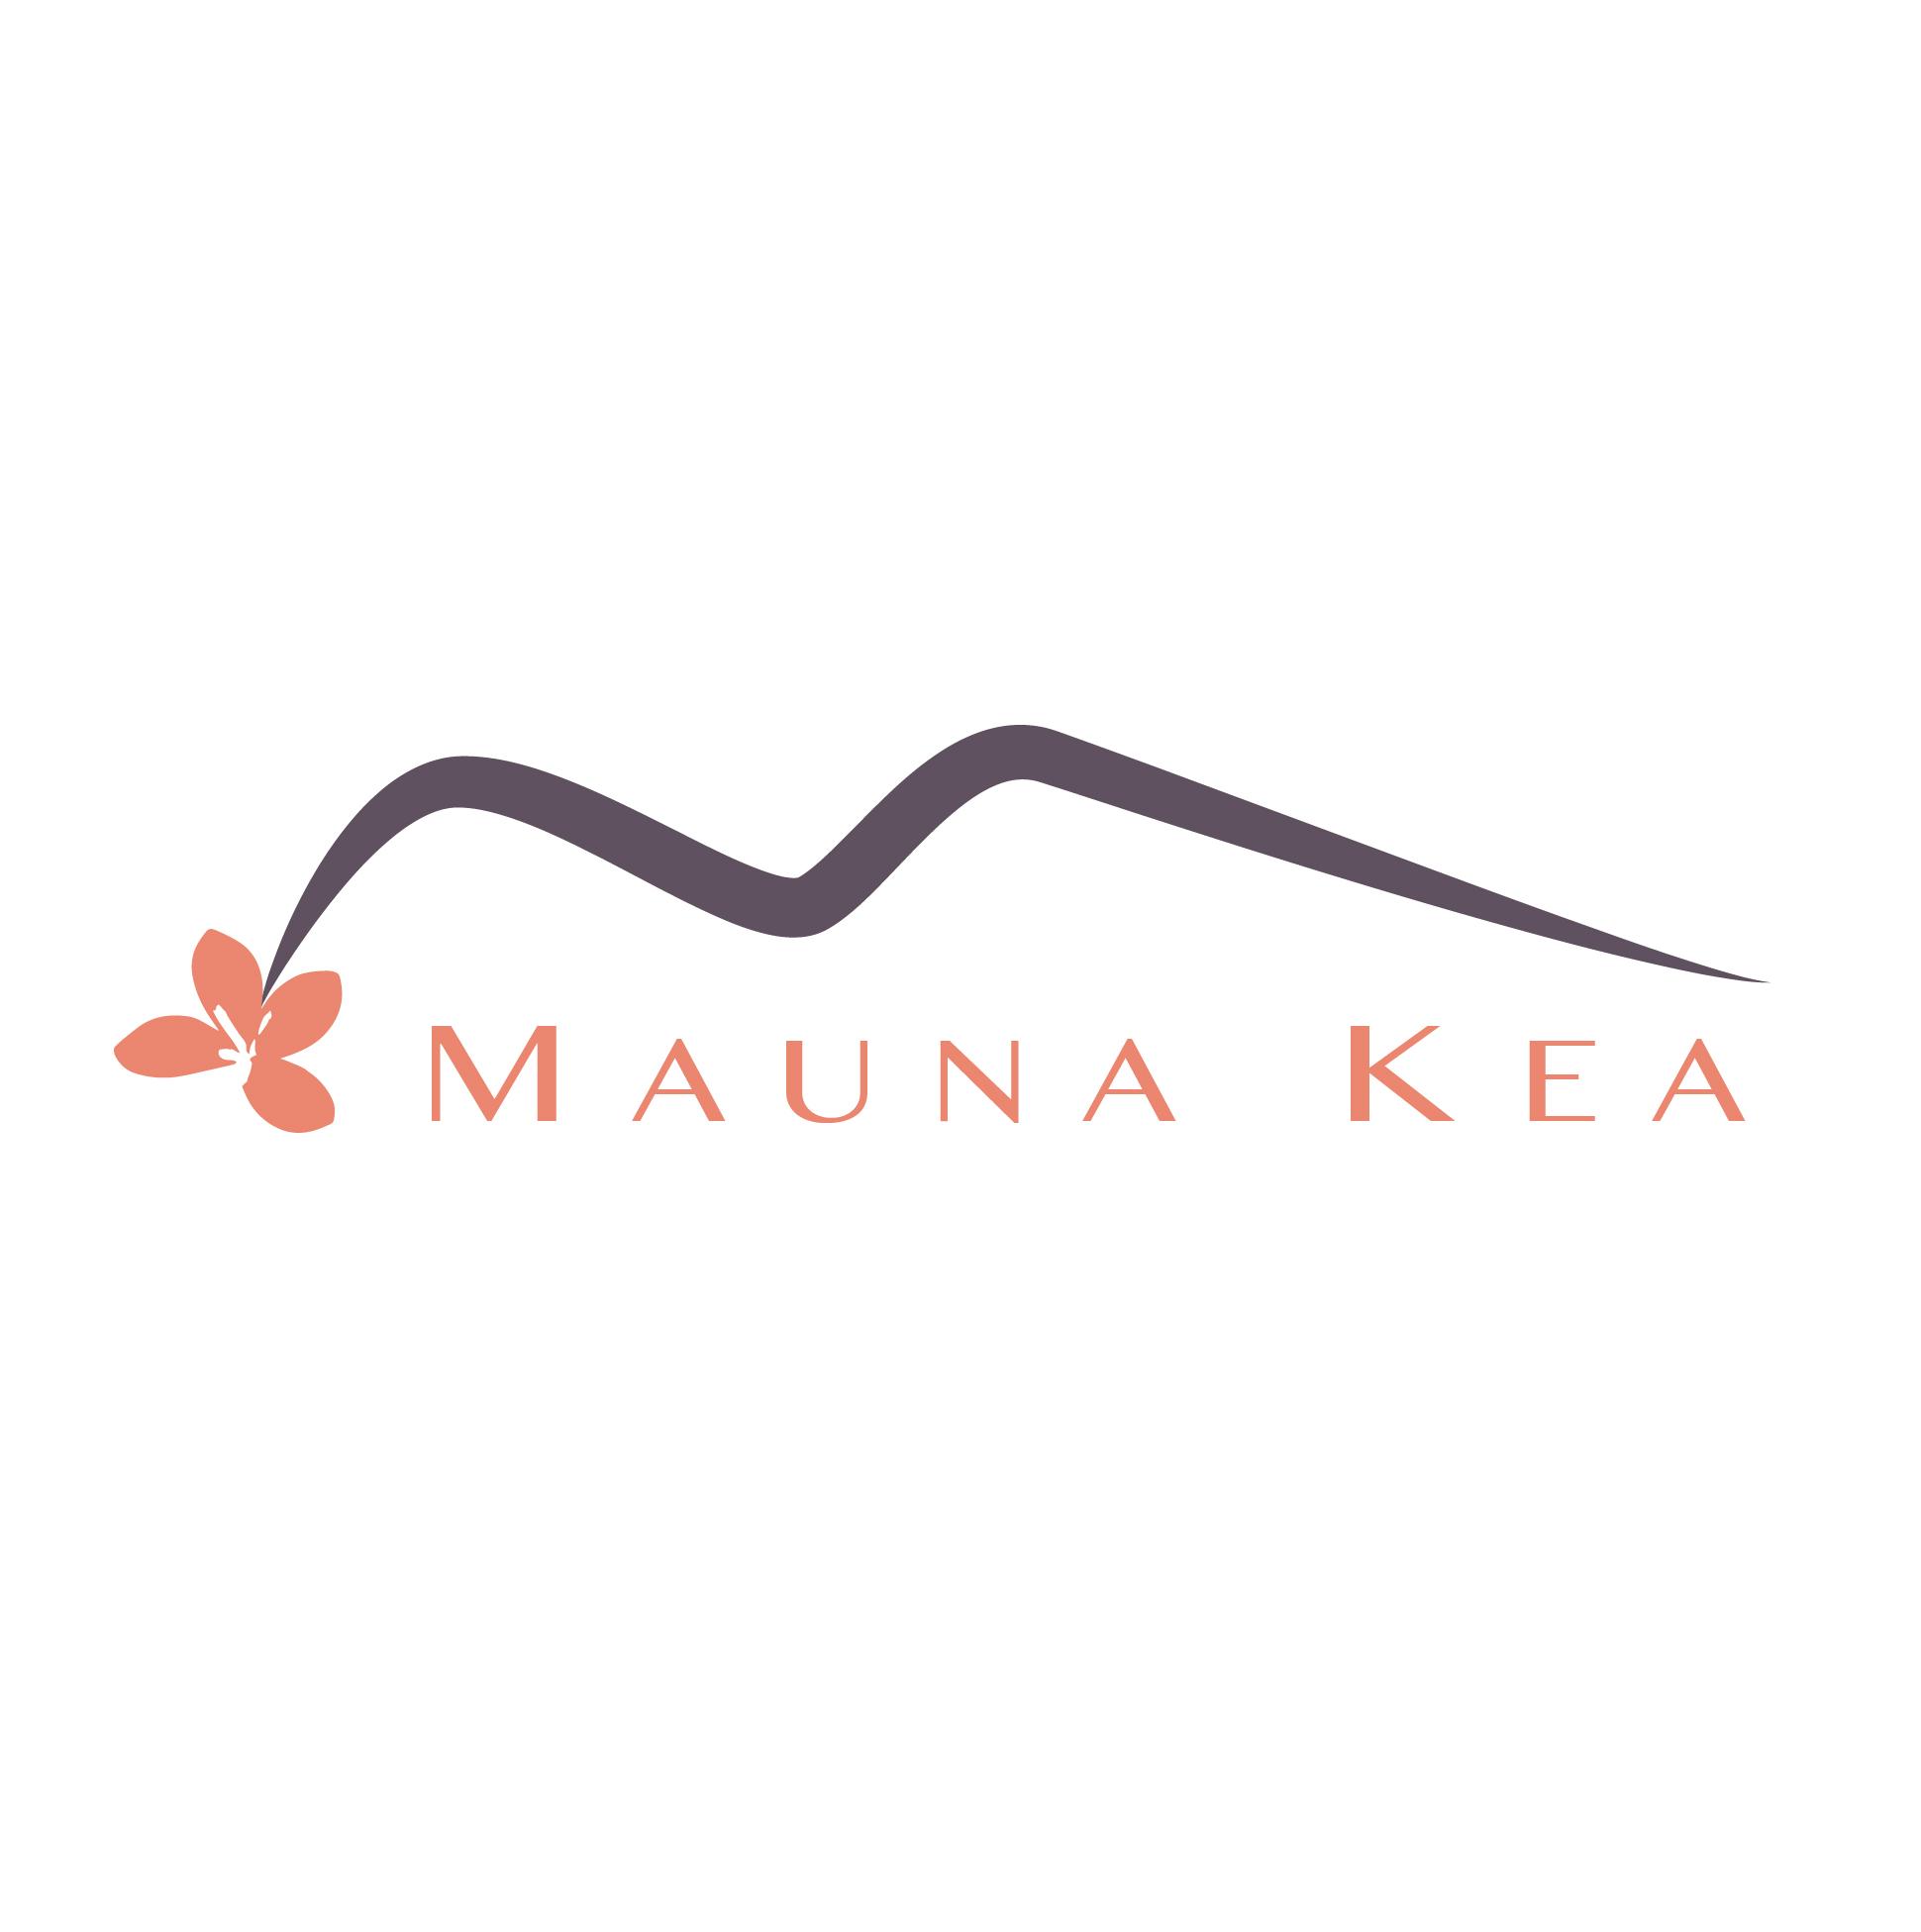 Mauna Kea Hotel and Resort